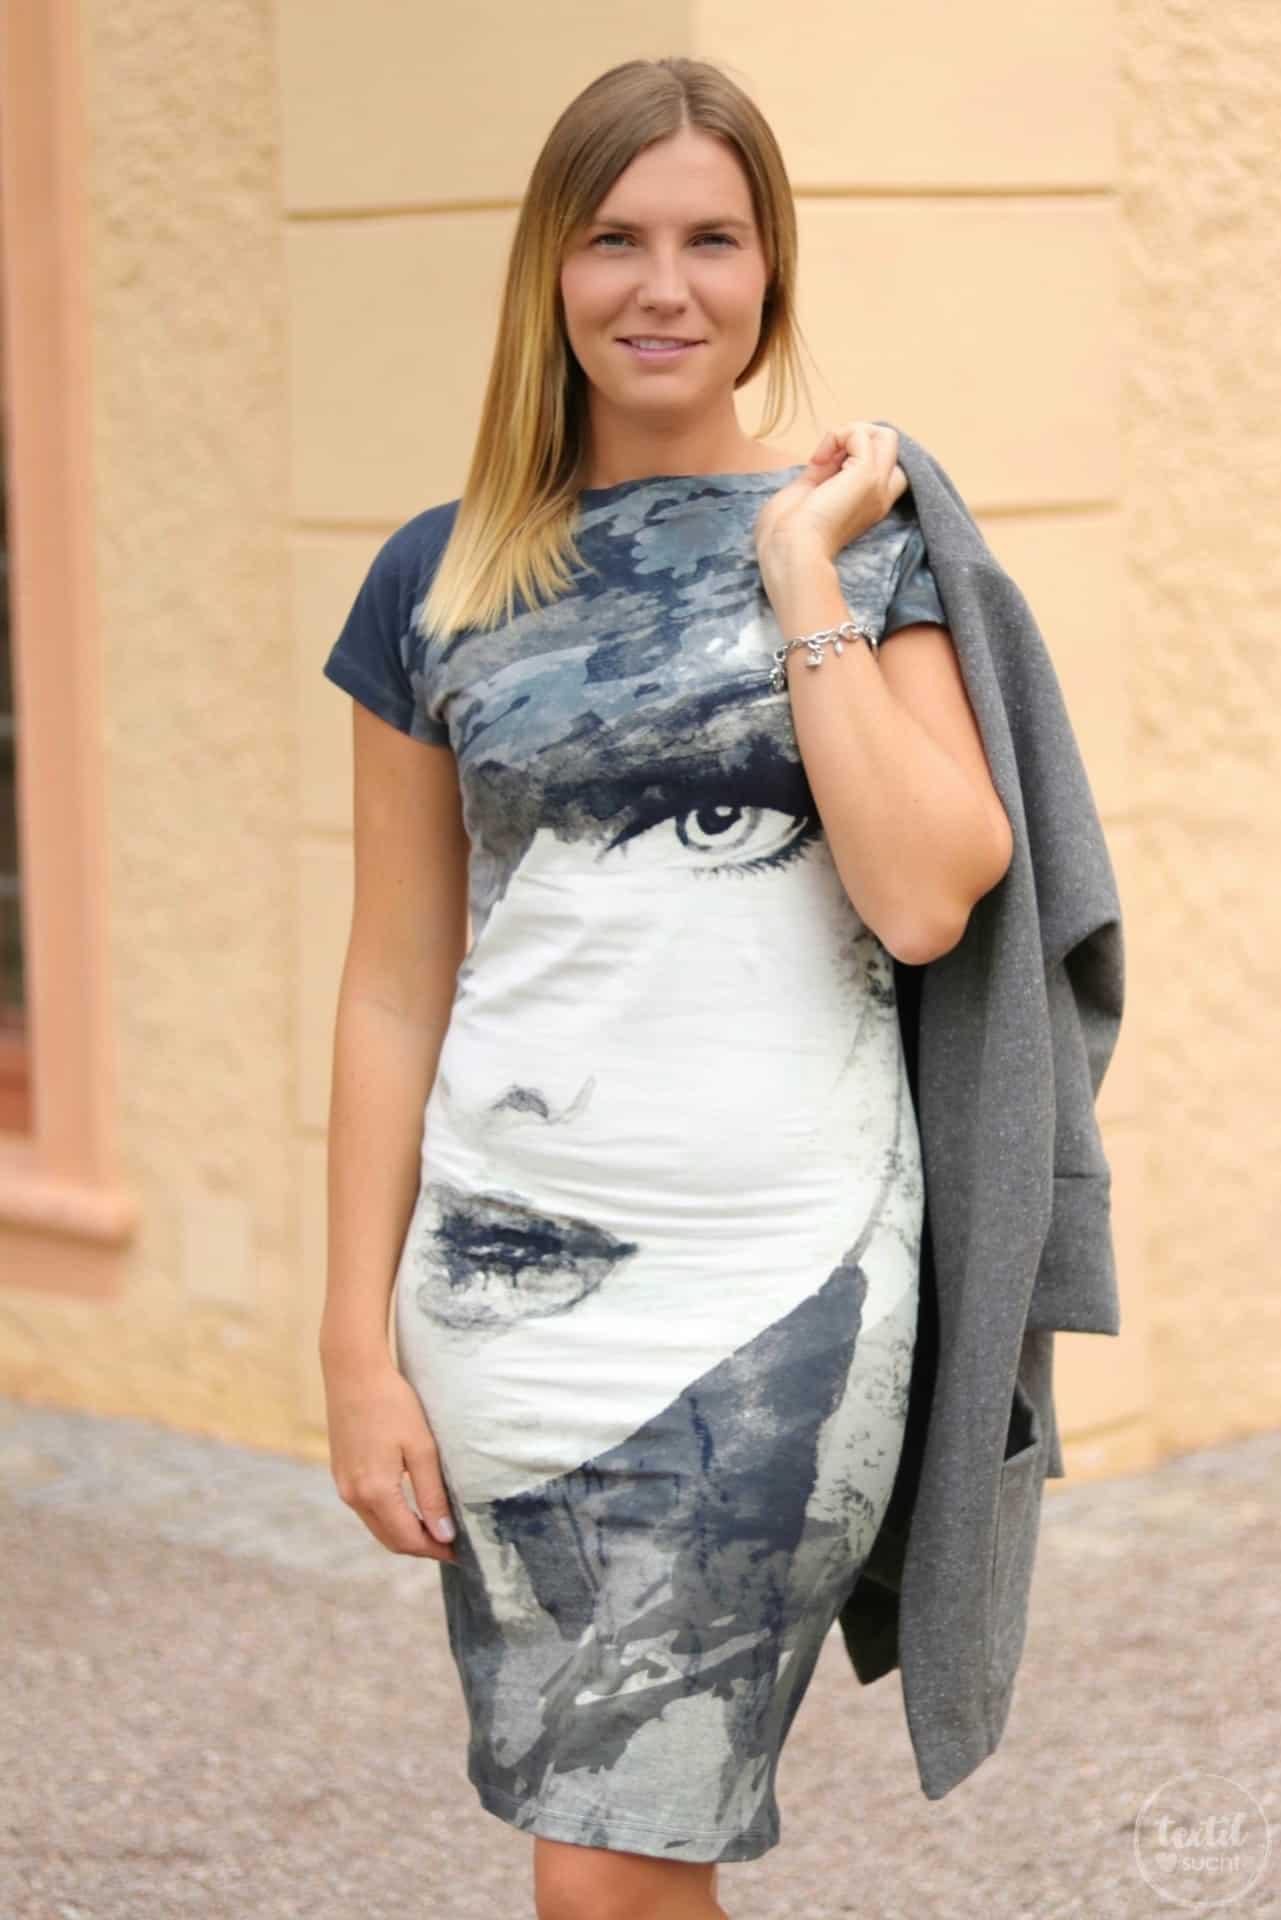 Falsche Selbsteinschätzung, eine kleine Erleuchtung und mein neues Kleid - Bild 1 | textilsucht®